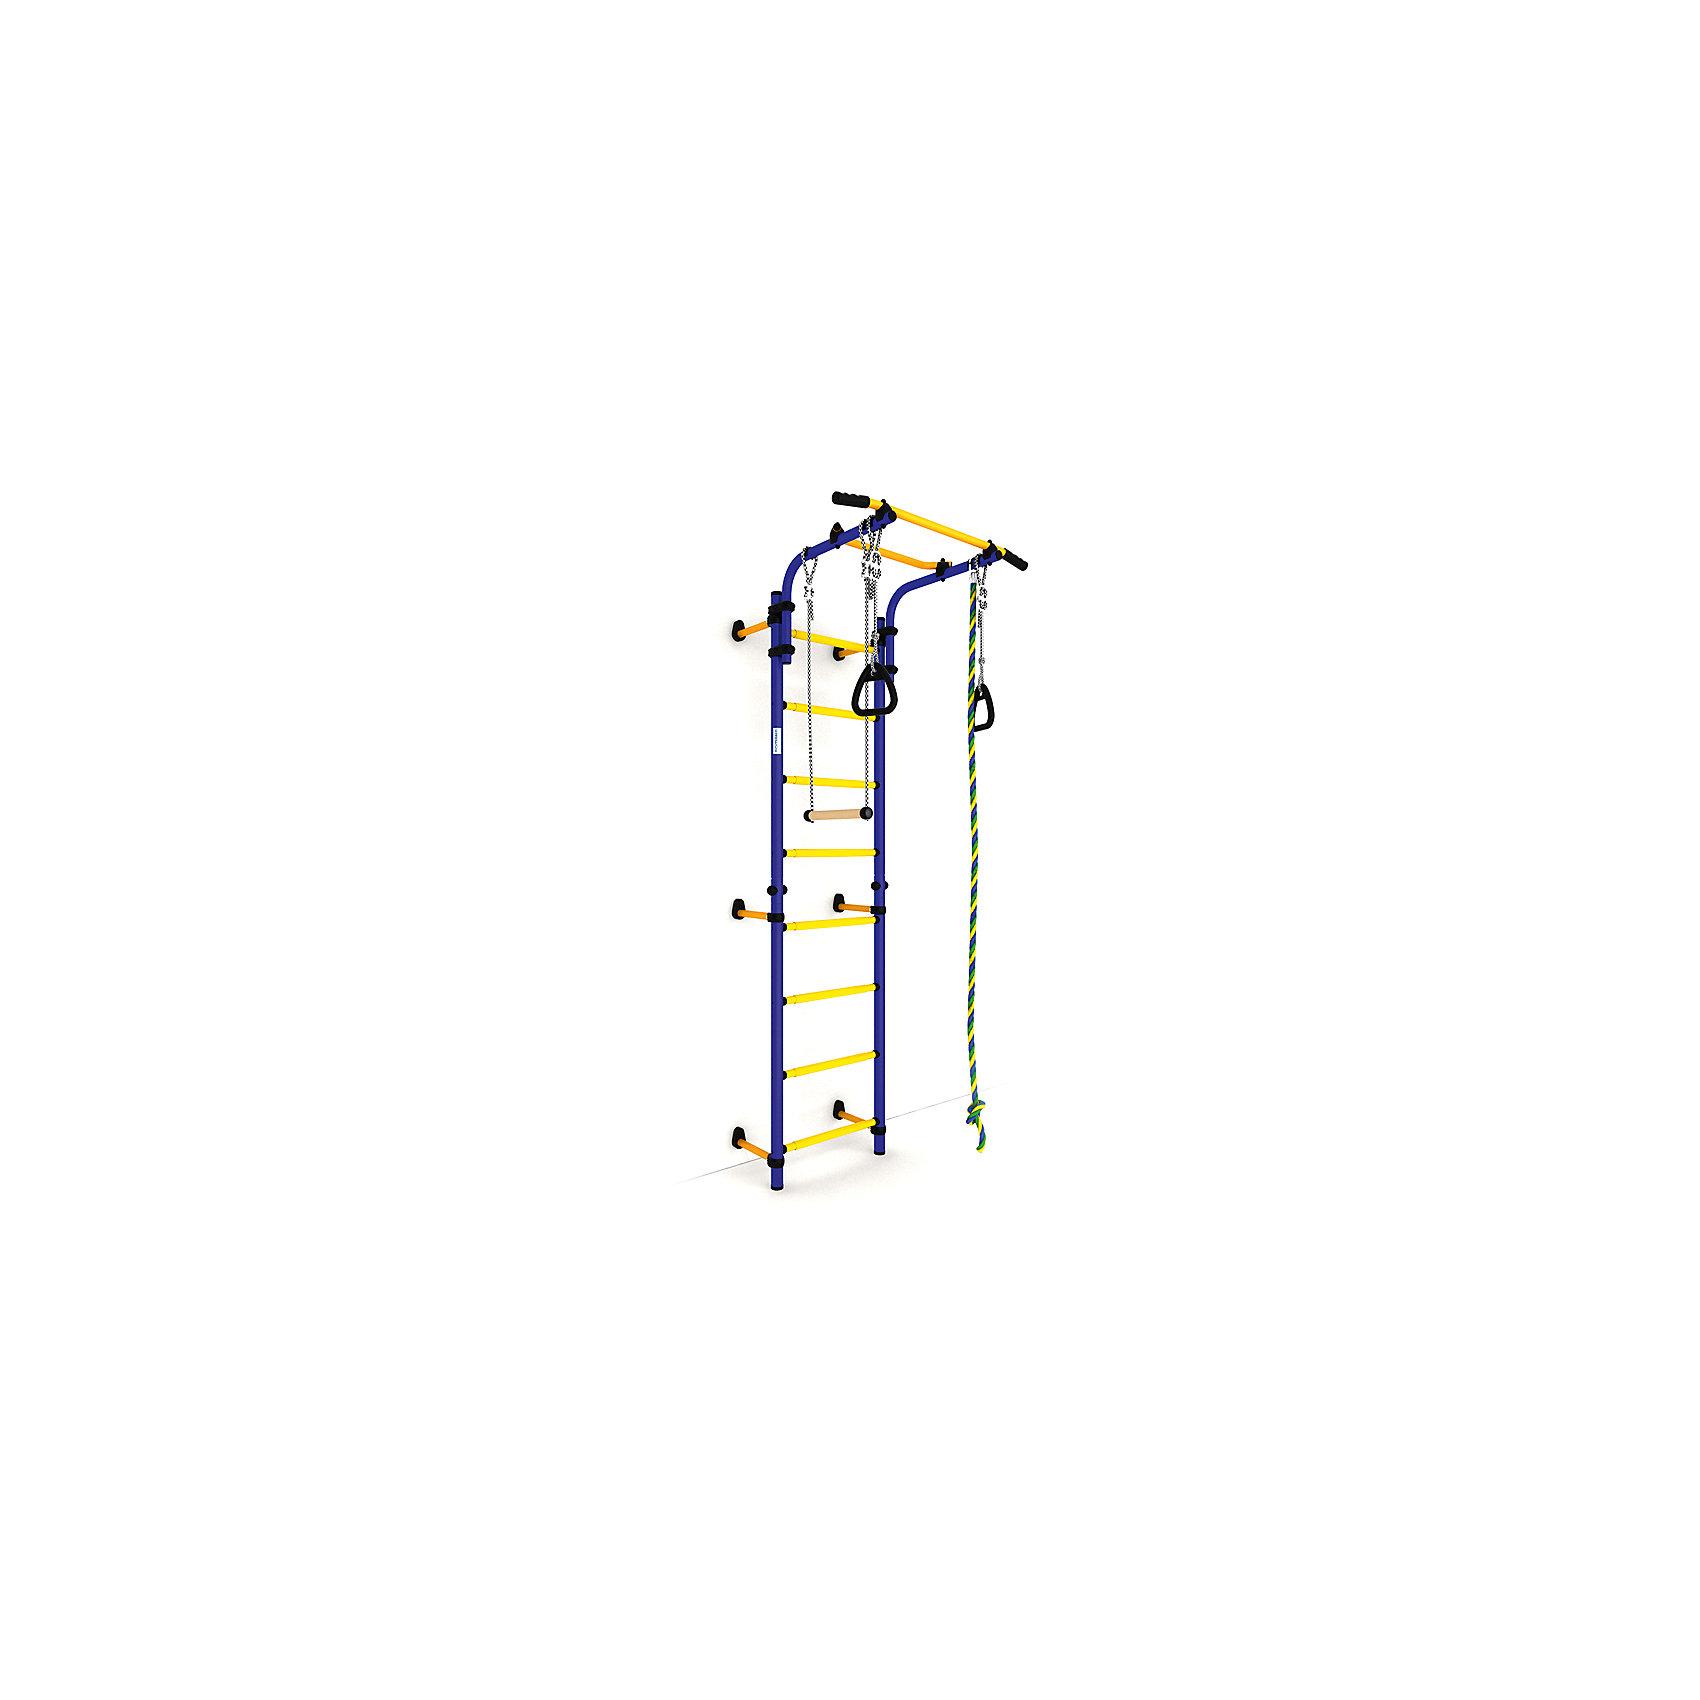 Шведская стенка Комета NEXT-1 (490 мм), ROMANA, синий-желтыйШведские стенки<br>Комета NEXT-1 (490 мм), ROMANA, синий-желтый.<br><br>Характеристики:<br><br>• Цвет: синий, желтый<br>• Высота: 2,27<br>• Ширина ступени: 490 мм<br>• Допустимый вес: 100кг<br>• Габариты: 86х82 см<br>• Материал: металл<br><br>Удобный и безопасный спортивный комплекс крепится враспор, что позволяет сохранить потолки и стены от сверления. В комплекте подвижный турник, спортивная трапеция, прочный канат, шведская стенка и гимнастические кольца. Выполнено все из качественного и прочного металла. Турник регулируется по высоте. Перекладины с анти-скользящим покрытием, ступени не охлаждаются и имеют массажное покрытие.<br><br>Комета NEXT-1 (490 мм), ROMANA, синий-желтый можно купить в нашем интернет-магазине.<br><br>Ширина мм: 1160<br>Глубина мм: 610<br>Высота мм: 140<br>Вес г: 25000<br>Возраст от месяцев: 36<br>Возраст до месяцев: 192<br>Пол: Унисекс<br>Возраст: Детский<br>SKU: 4993369